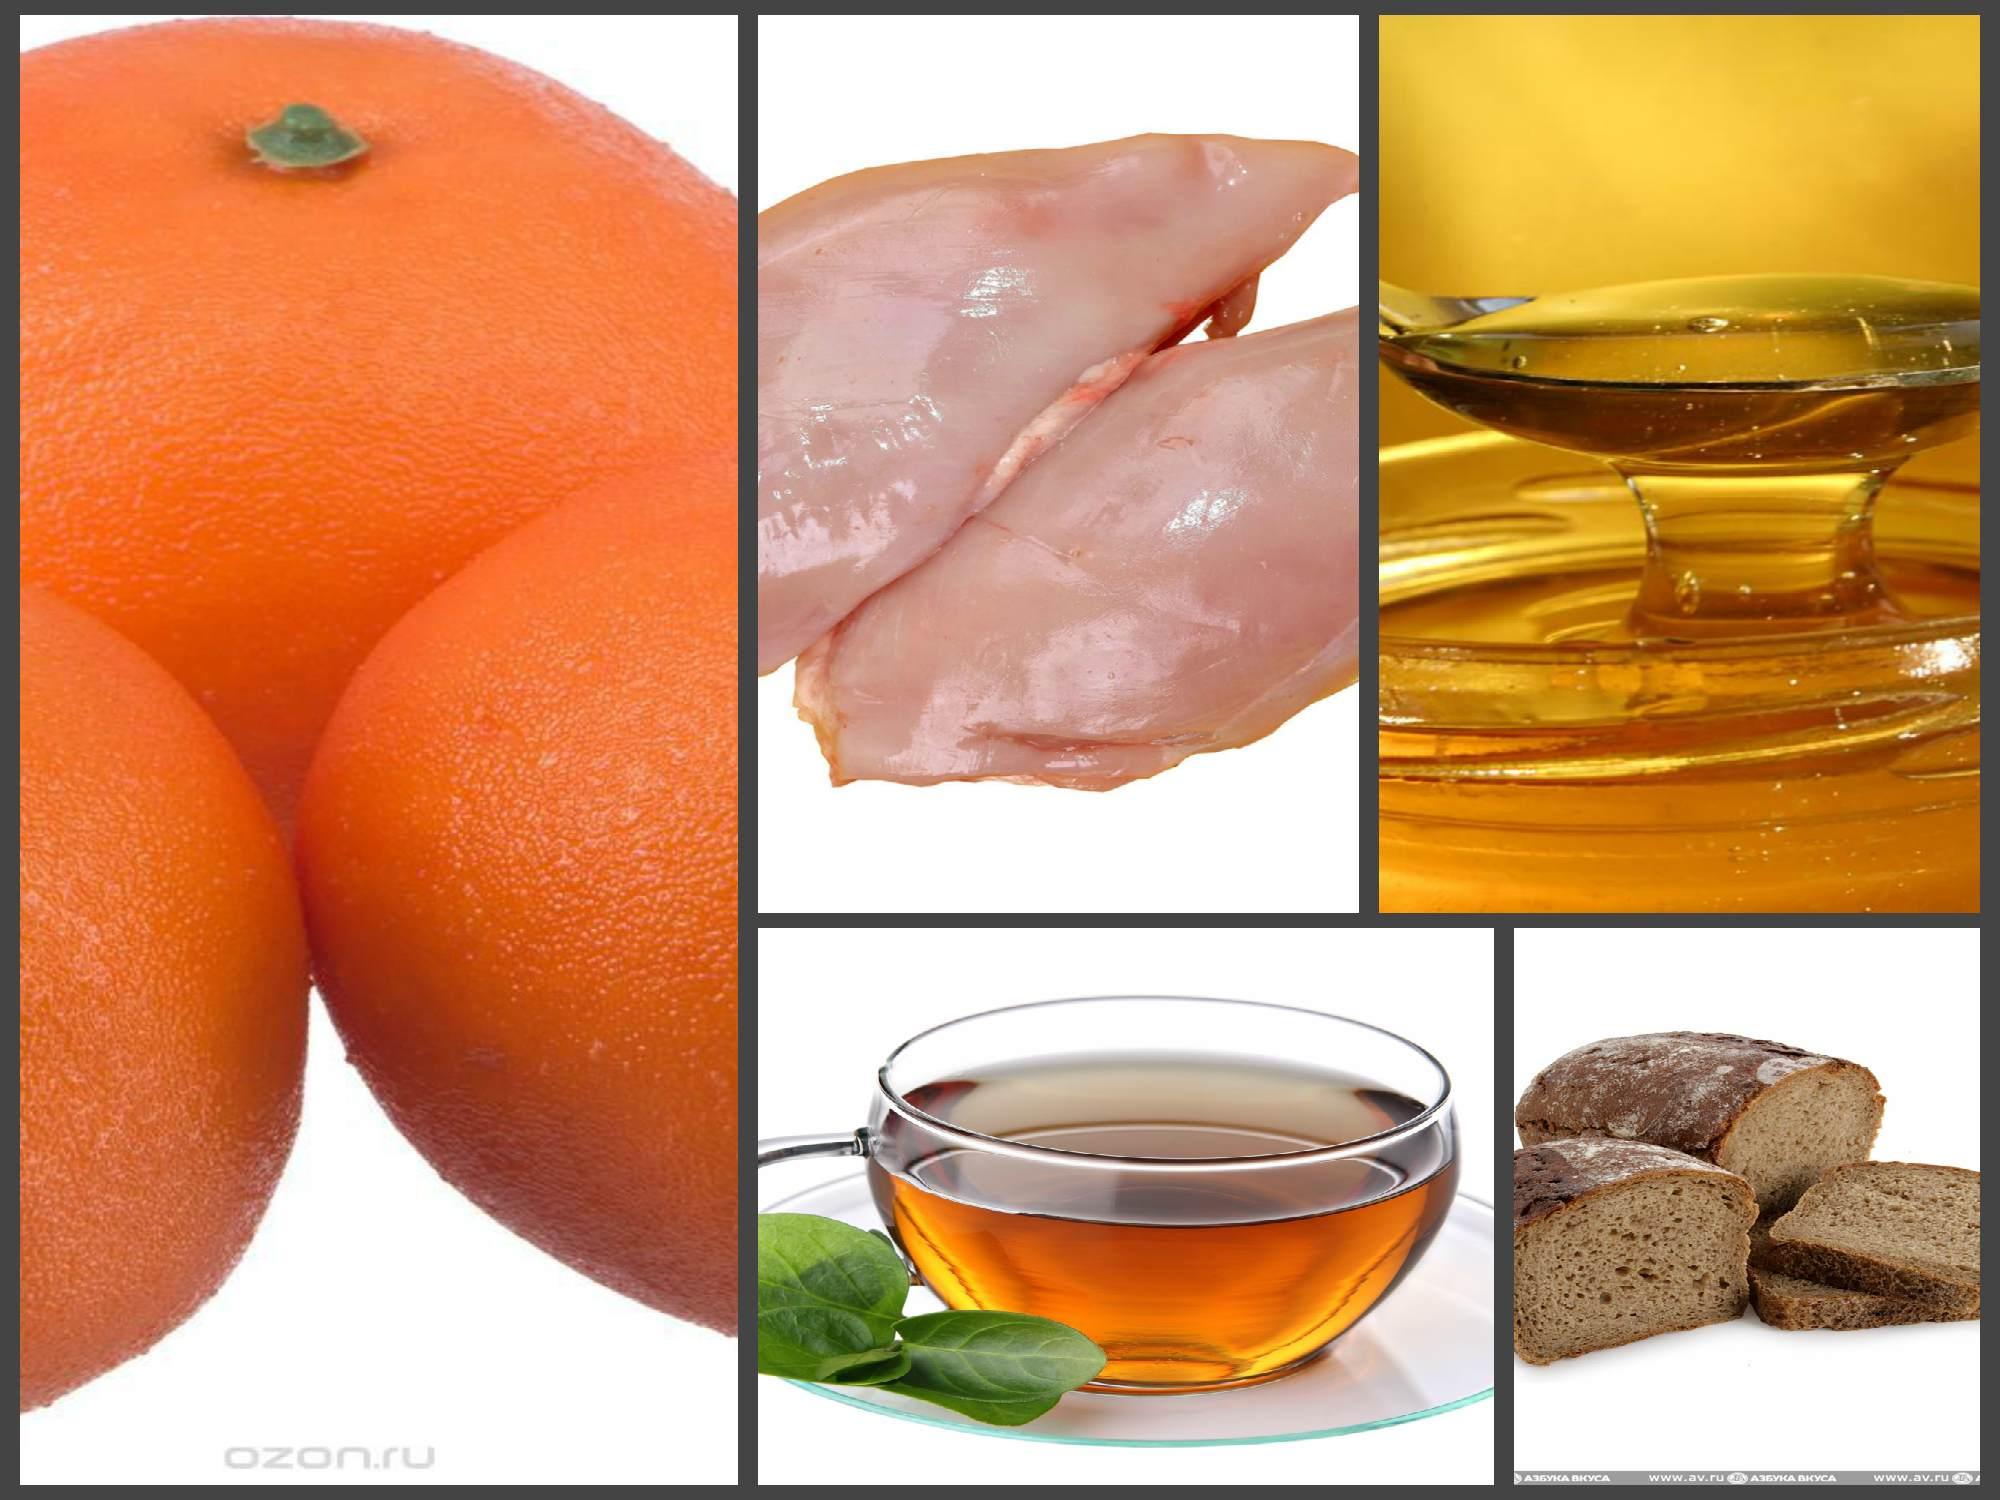 Яичная И Апельсиновая Диета. Яично-апельсиновая диета – худеем за 4 недели